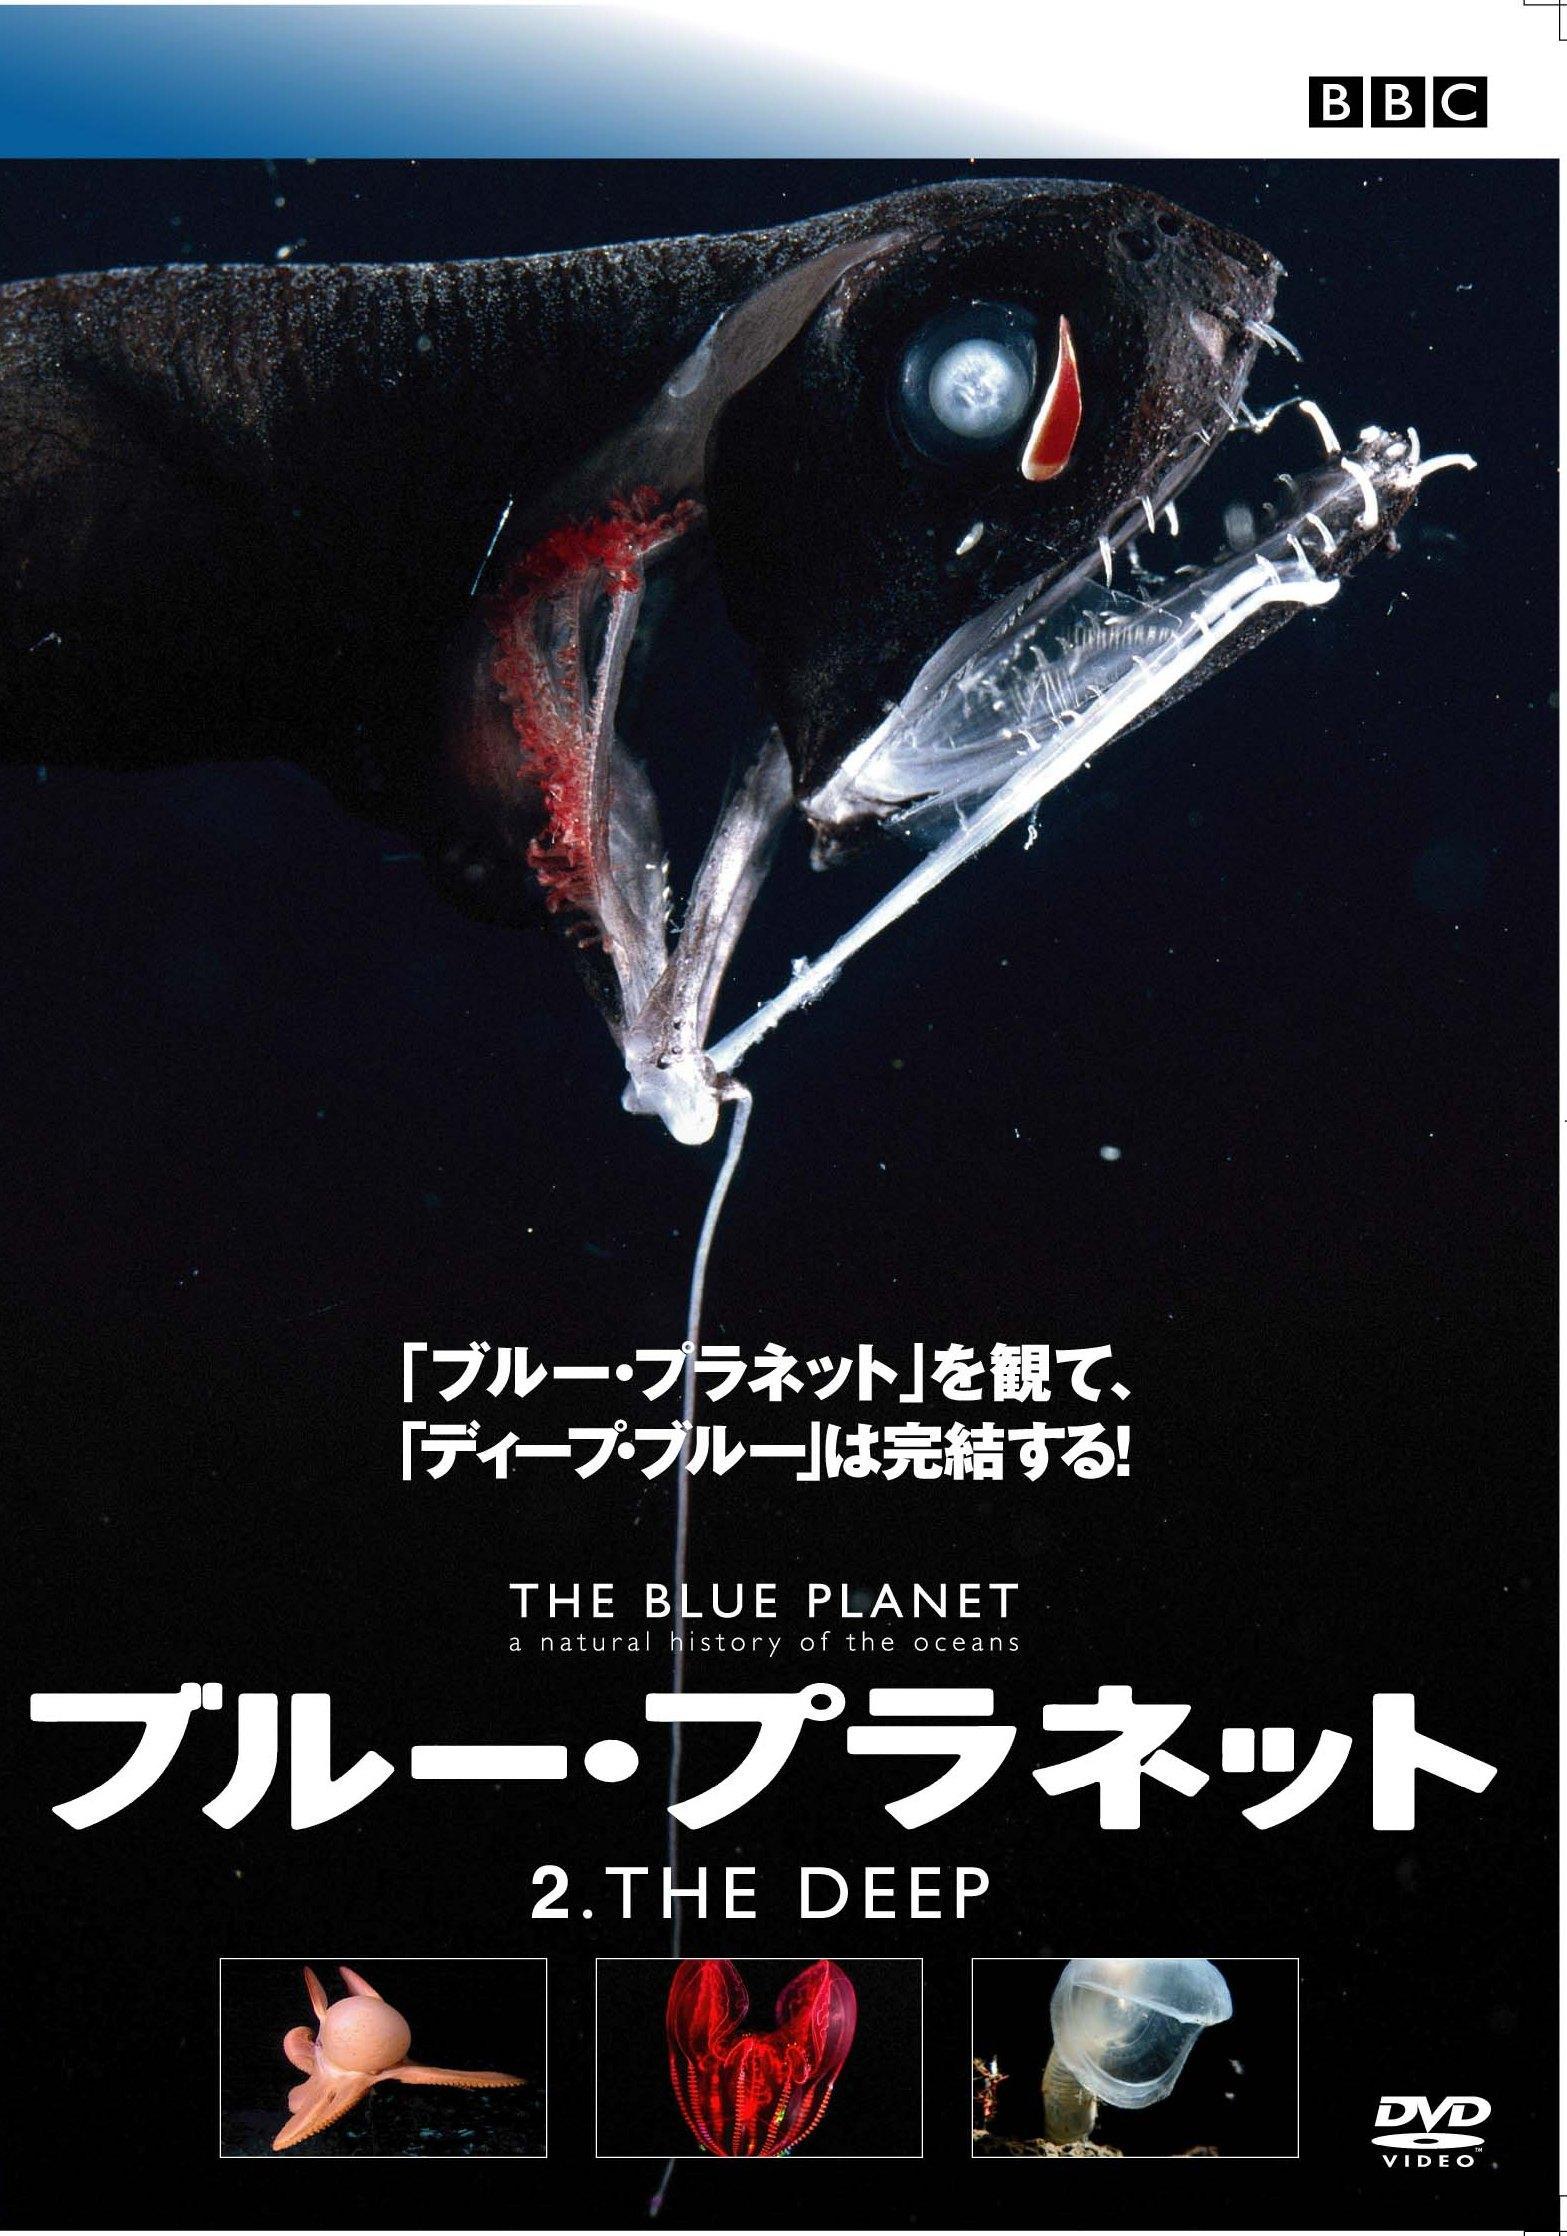 ブルー・プラネット 2 THE DEEP のサムネイル画像